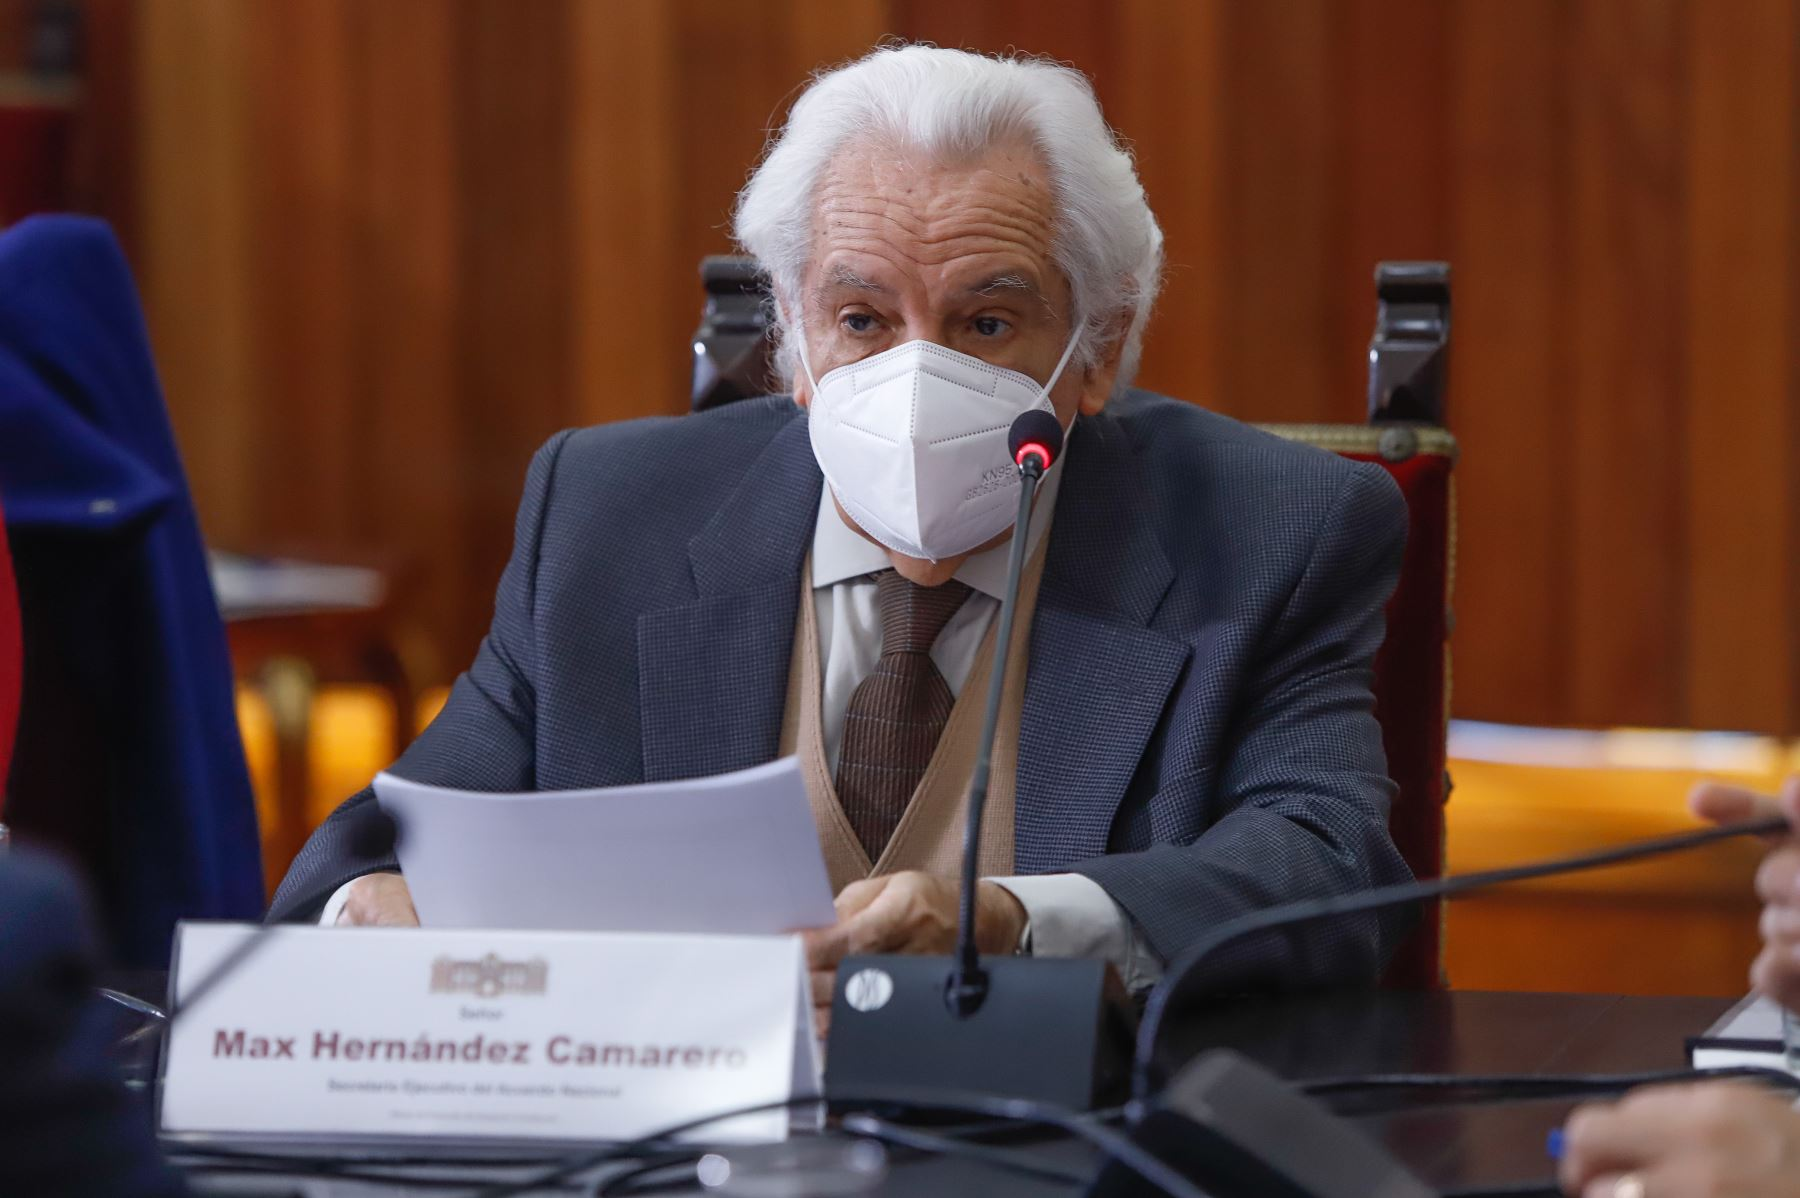 Secretario ejecutivo del Acuerdo Nacional, Max Hernandez. Foto: ANDINA/Prensa Presidencia